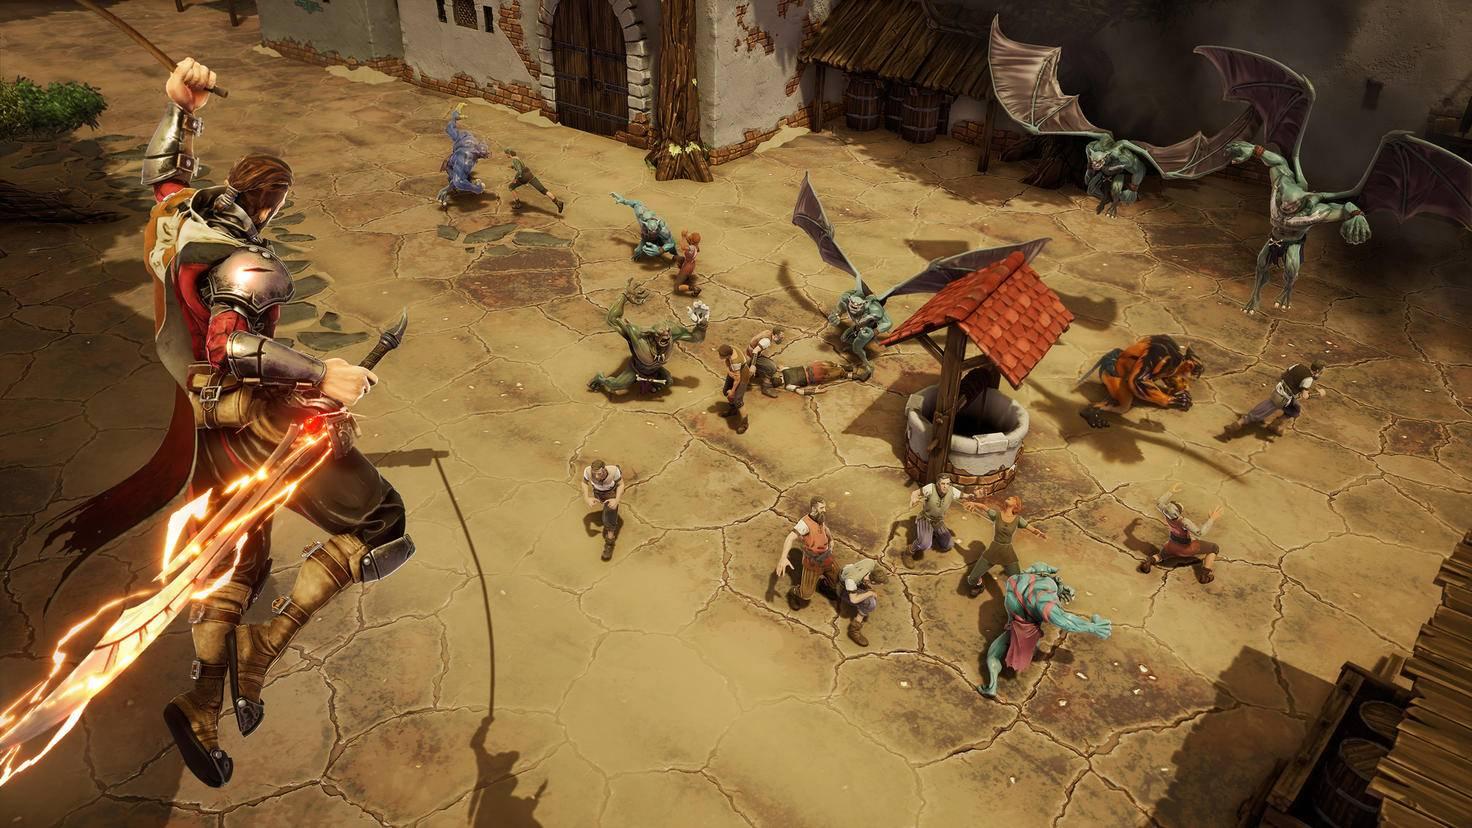 Avil kämpft gegen Orks und andere kleine Monster, ...